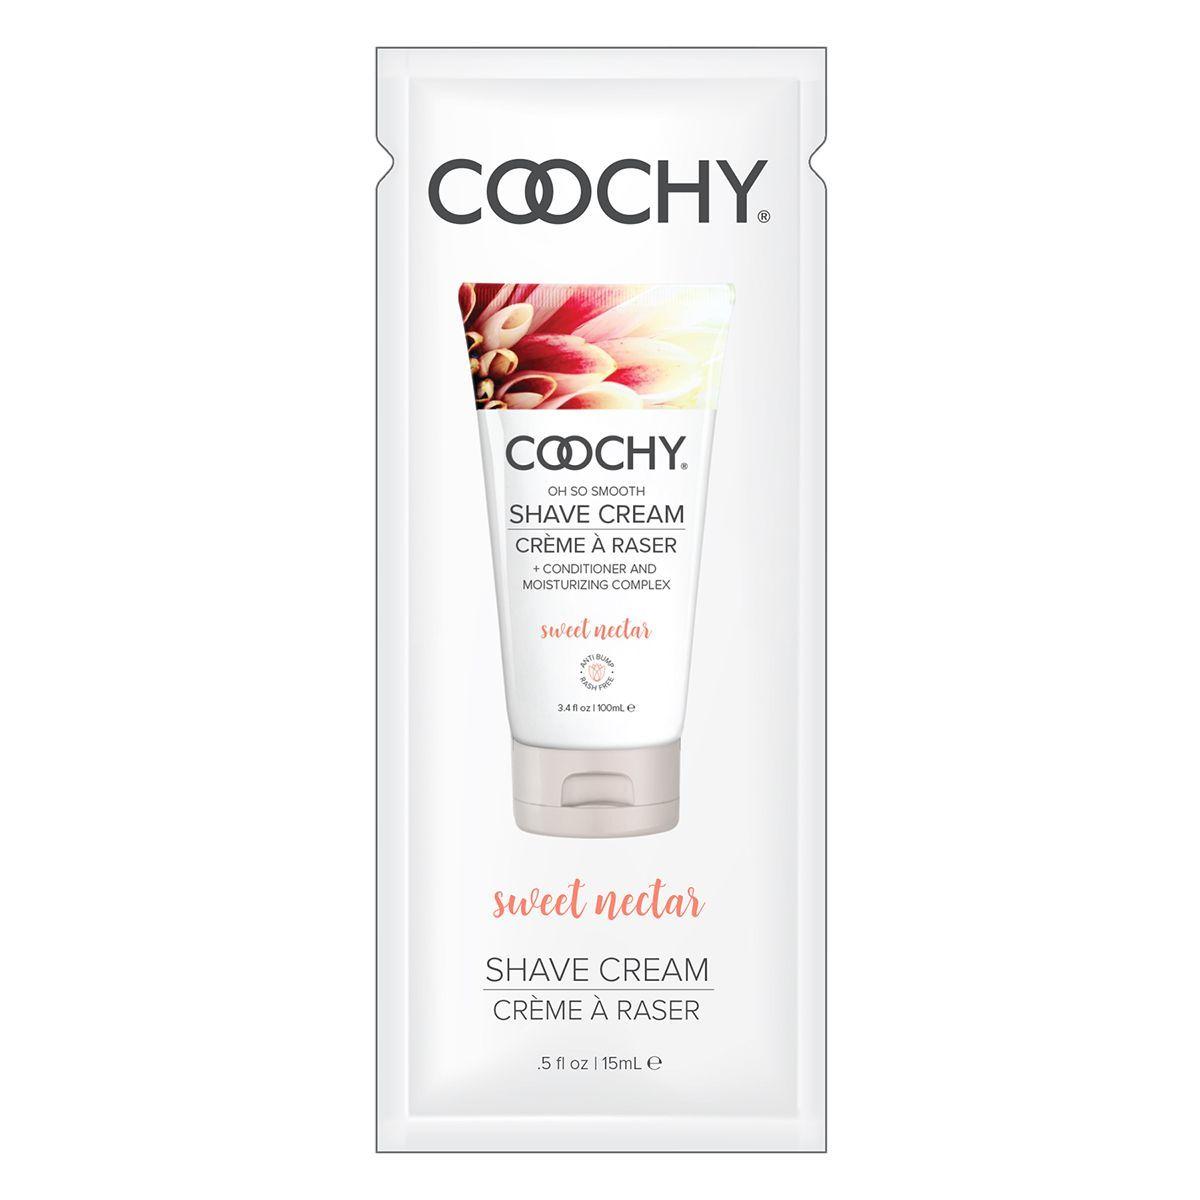 Средства по уходу за телом, косметика: Увлажняющий комплекс COOCHY Sweet Nectar - 15 мл.